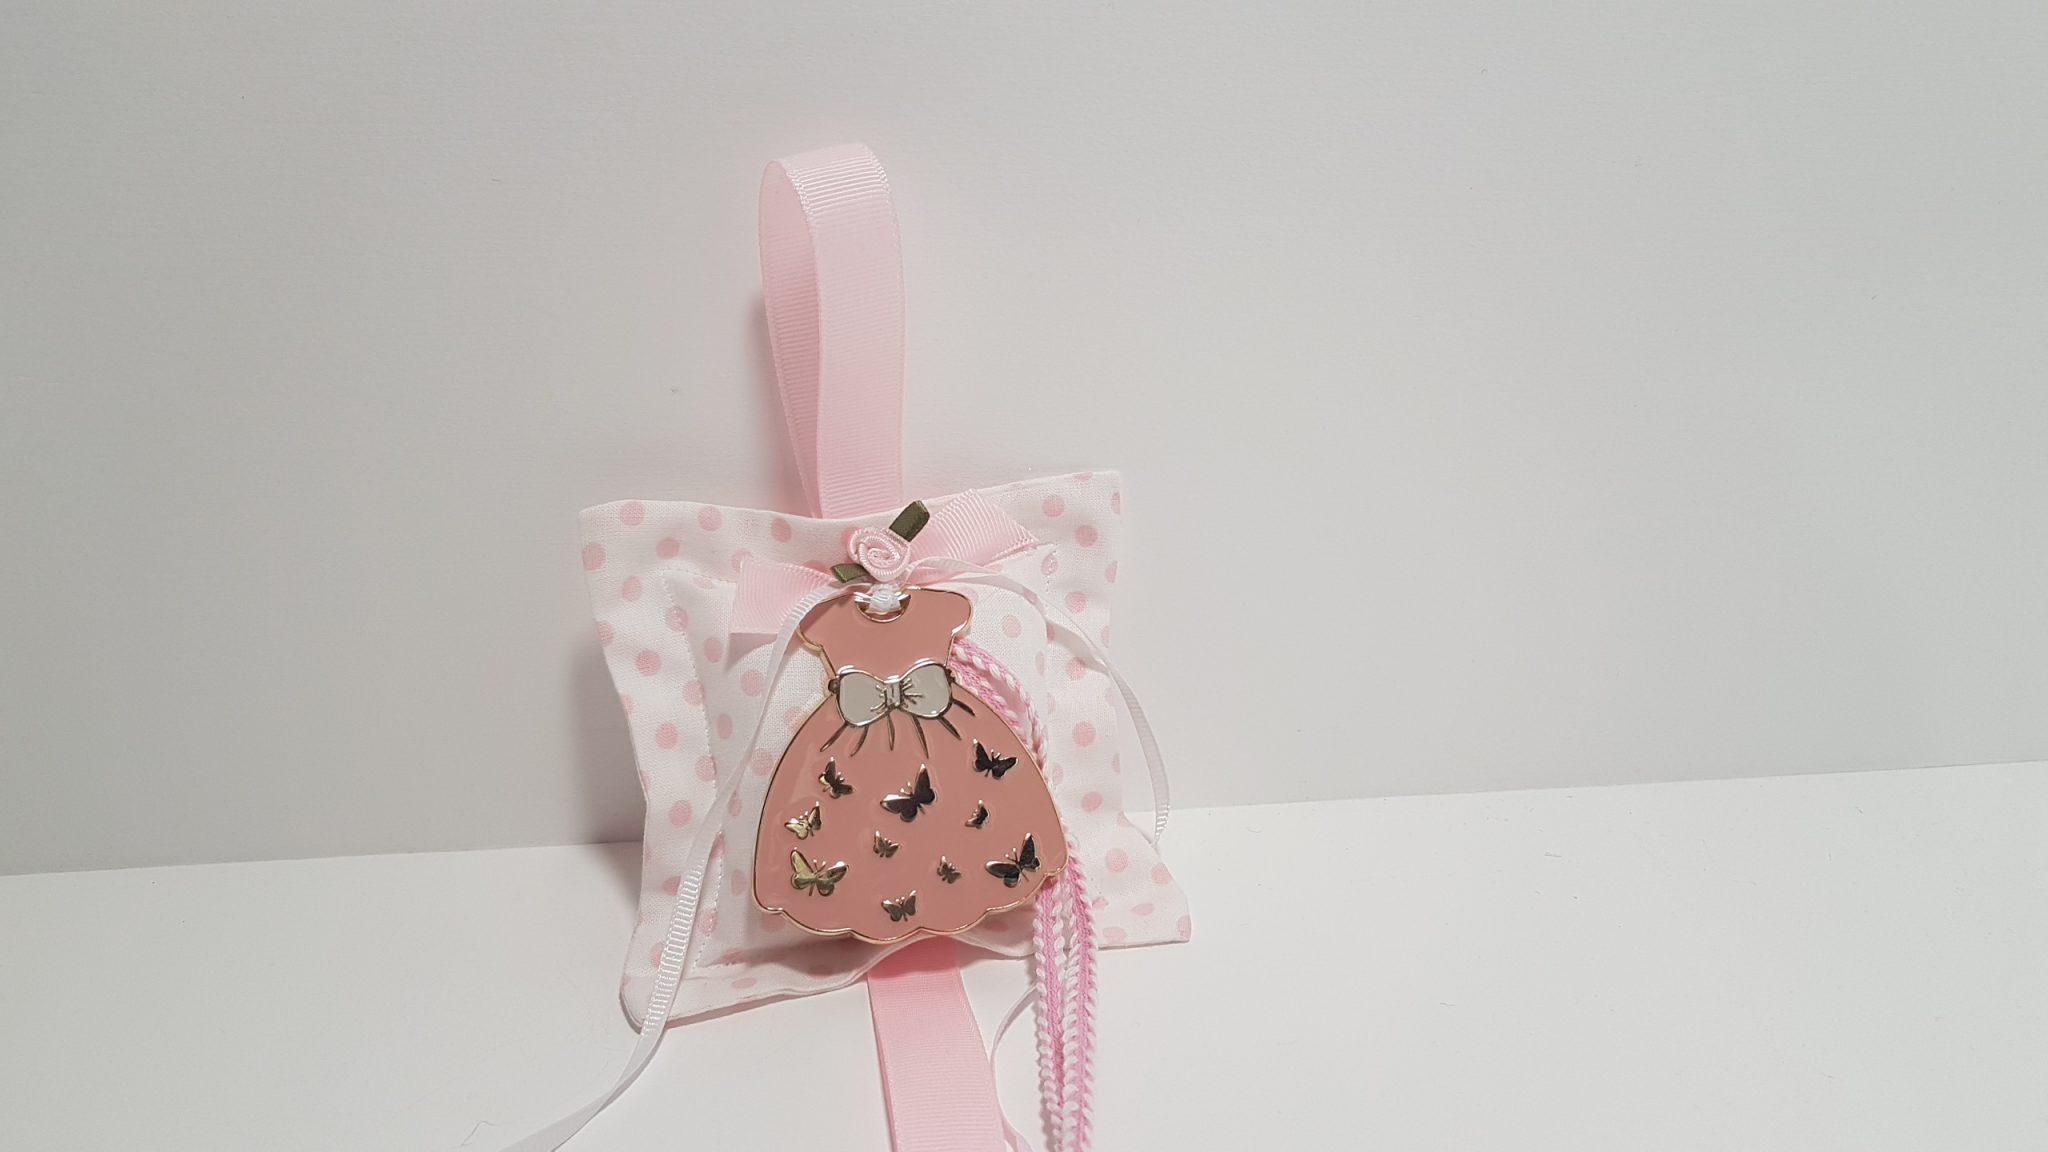 Φουσκωτό μαξιλαράκι πουά με μεταλλικό χρυσό φορεματάκι ροζ.